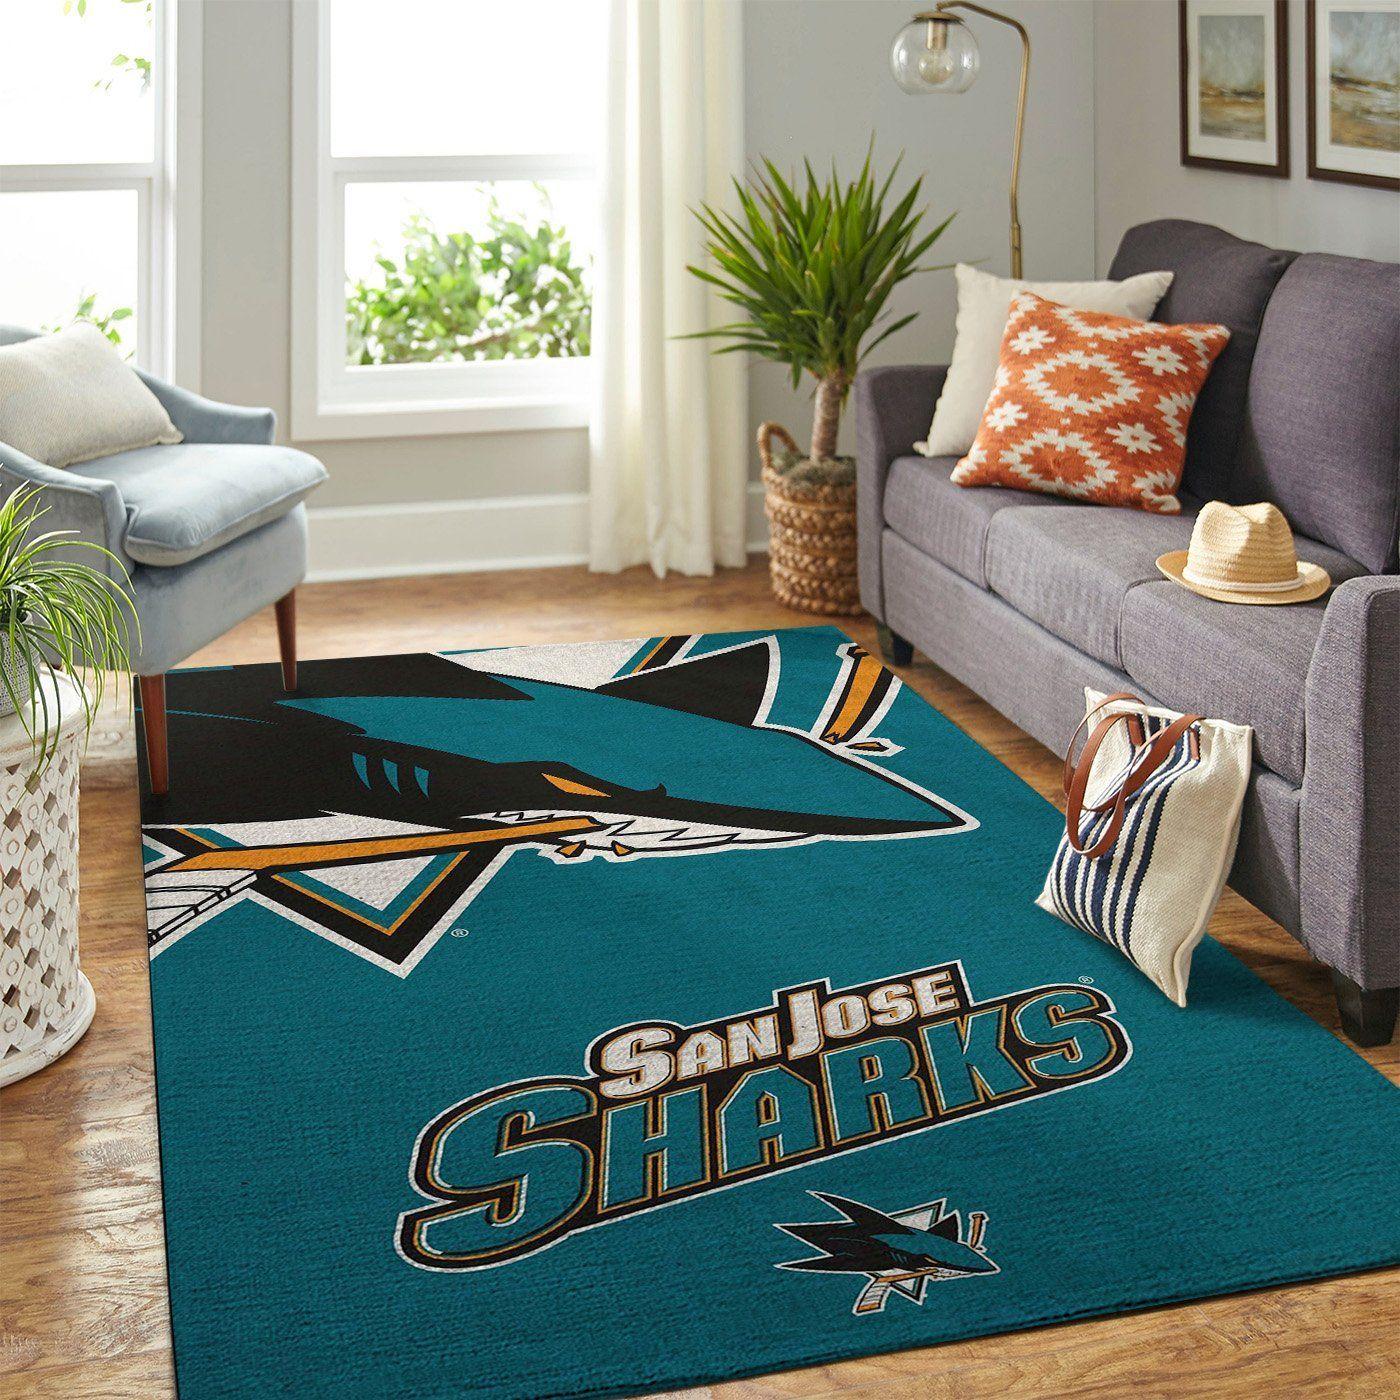 Amazon San Jose Sharks Living Room Area No4940 Rug